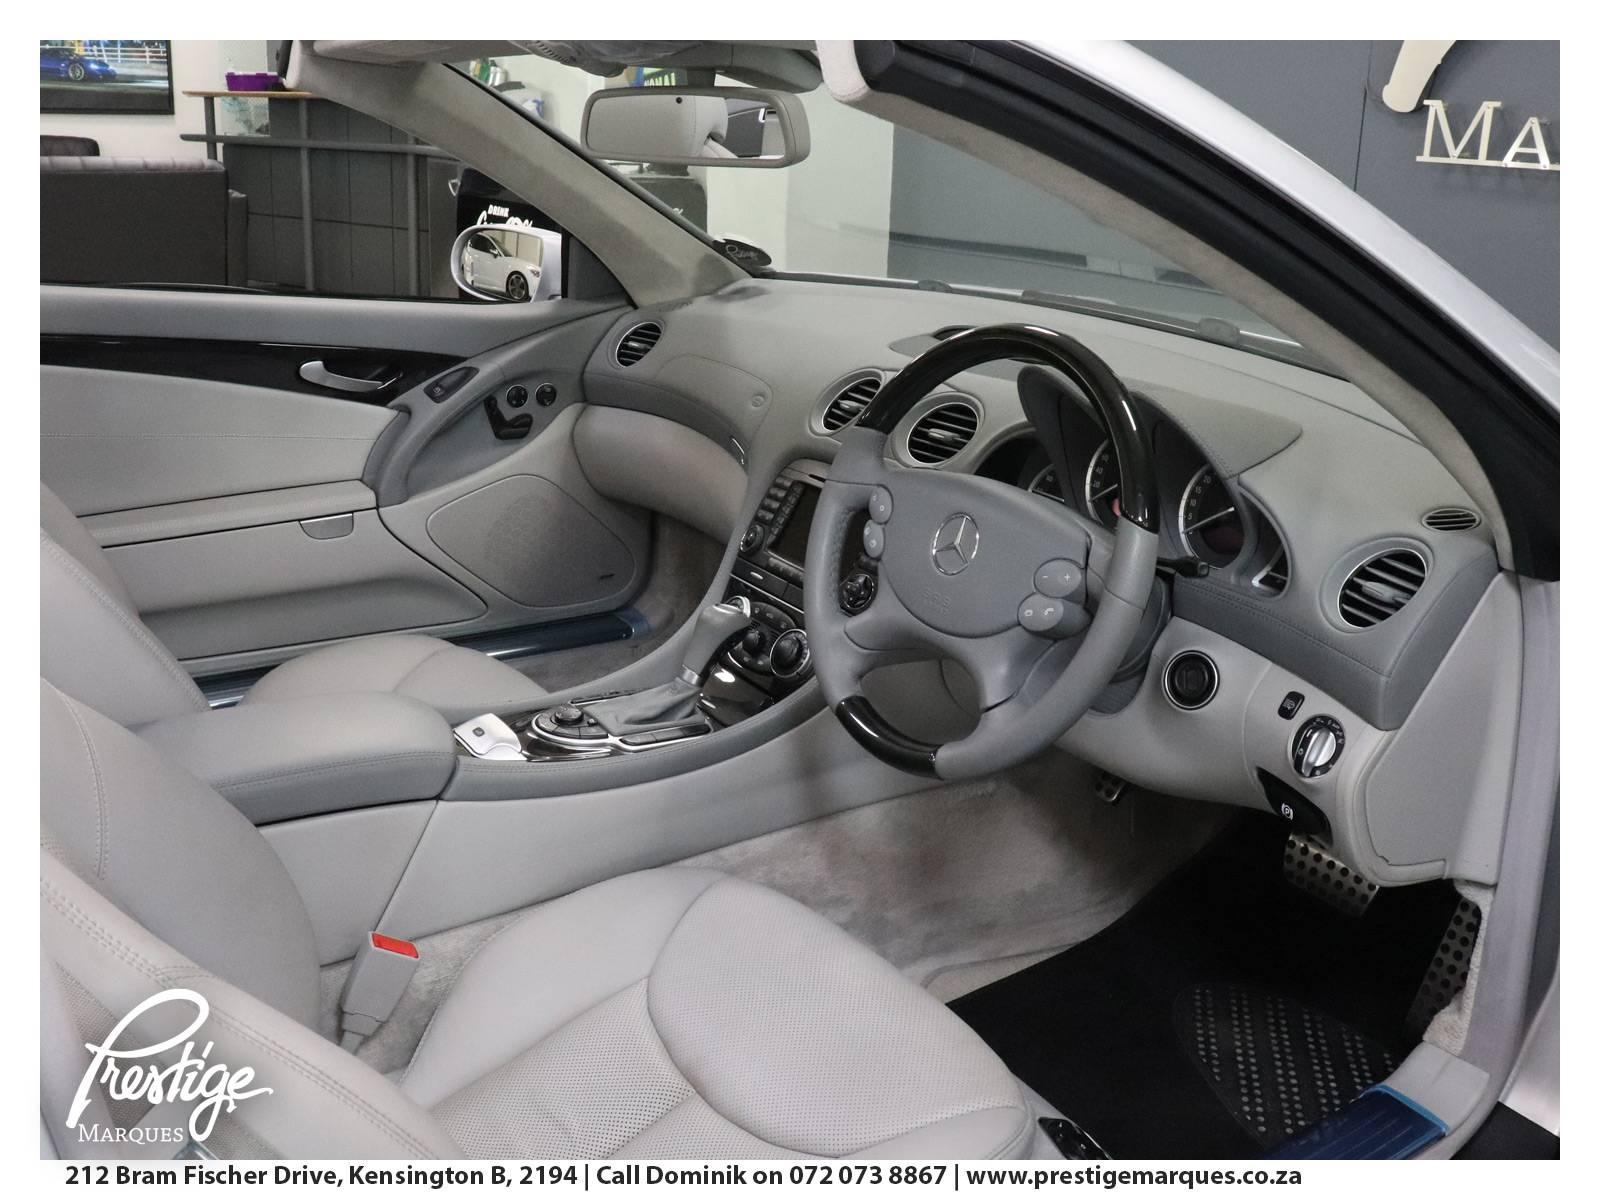 2007-Mercedes-benz-sl500-203-facelift-Prestige-Marques-Randburg-Sandton-16